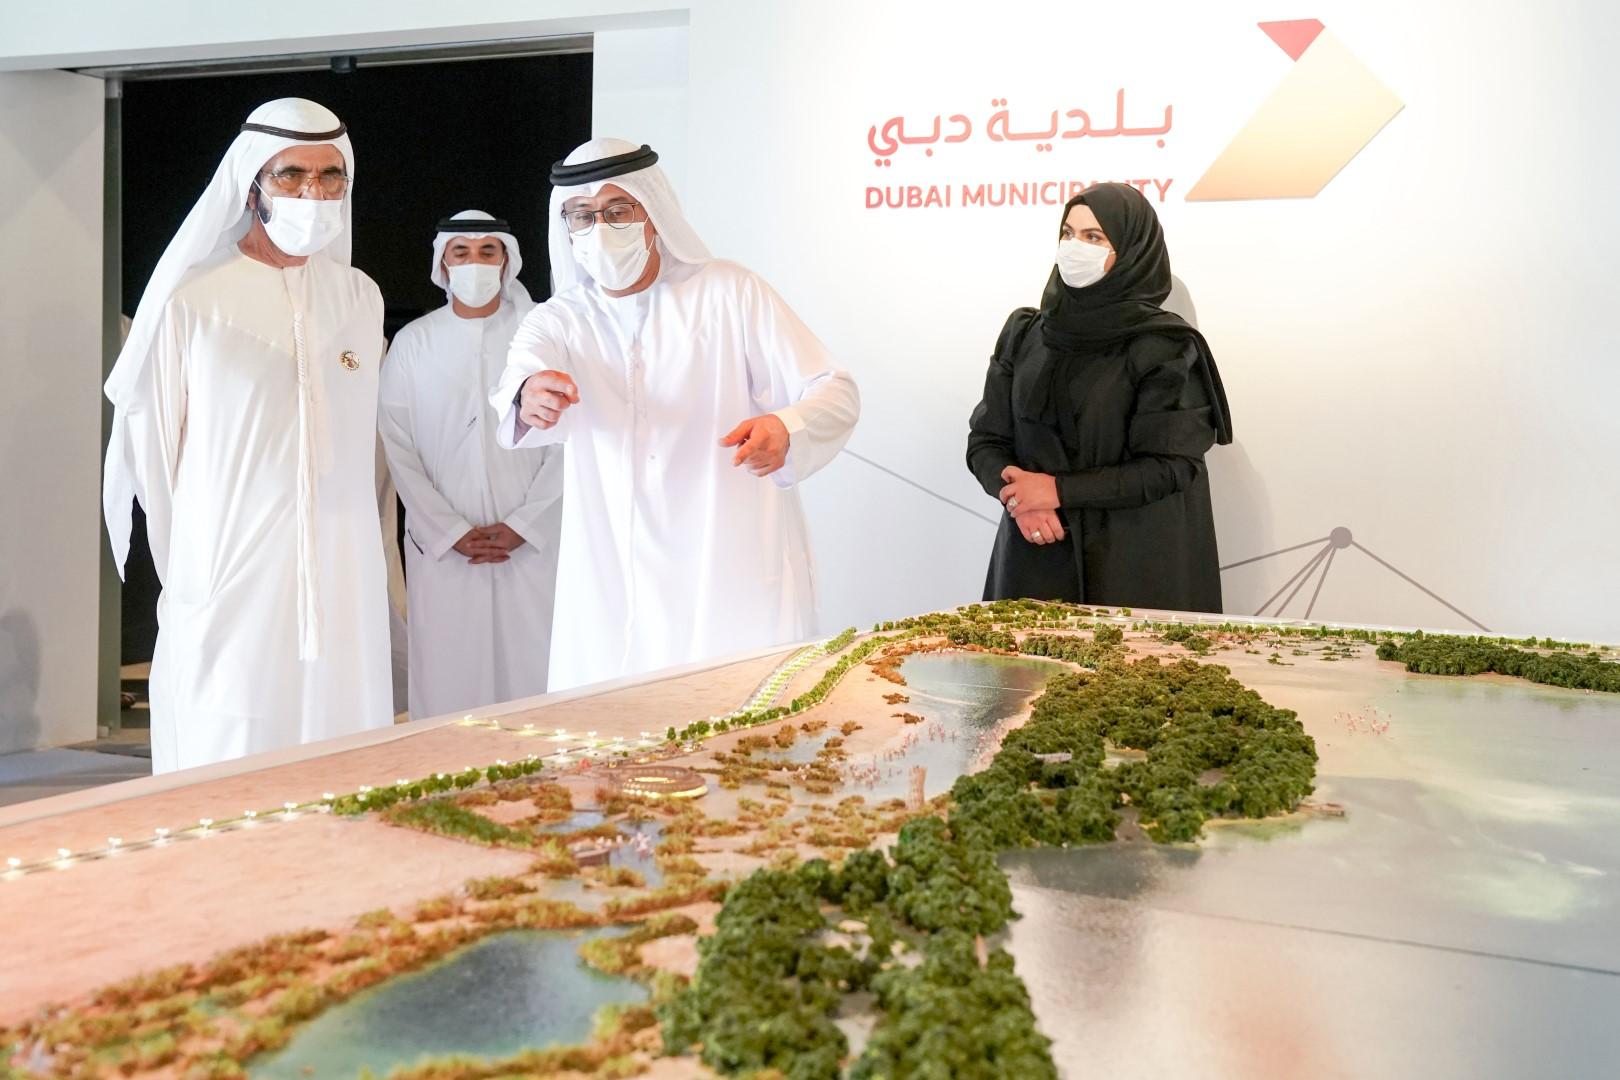 محمد بن راشد يطلع على مشاريع بيئية تنفذها بلدية دبي بتكلفة إجمالية تناهز 6.6 مليار درهم